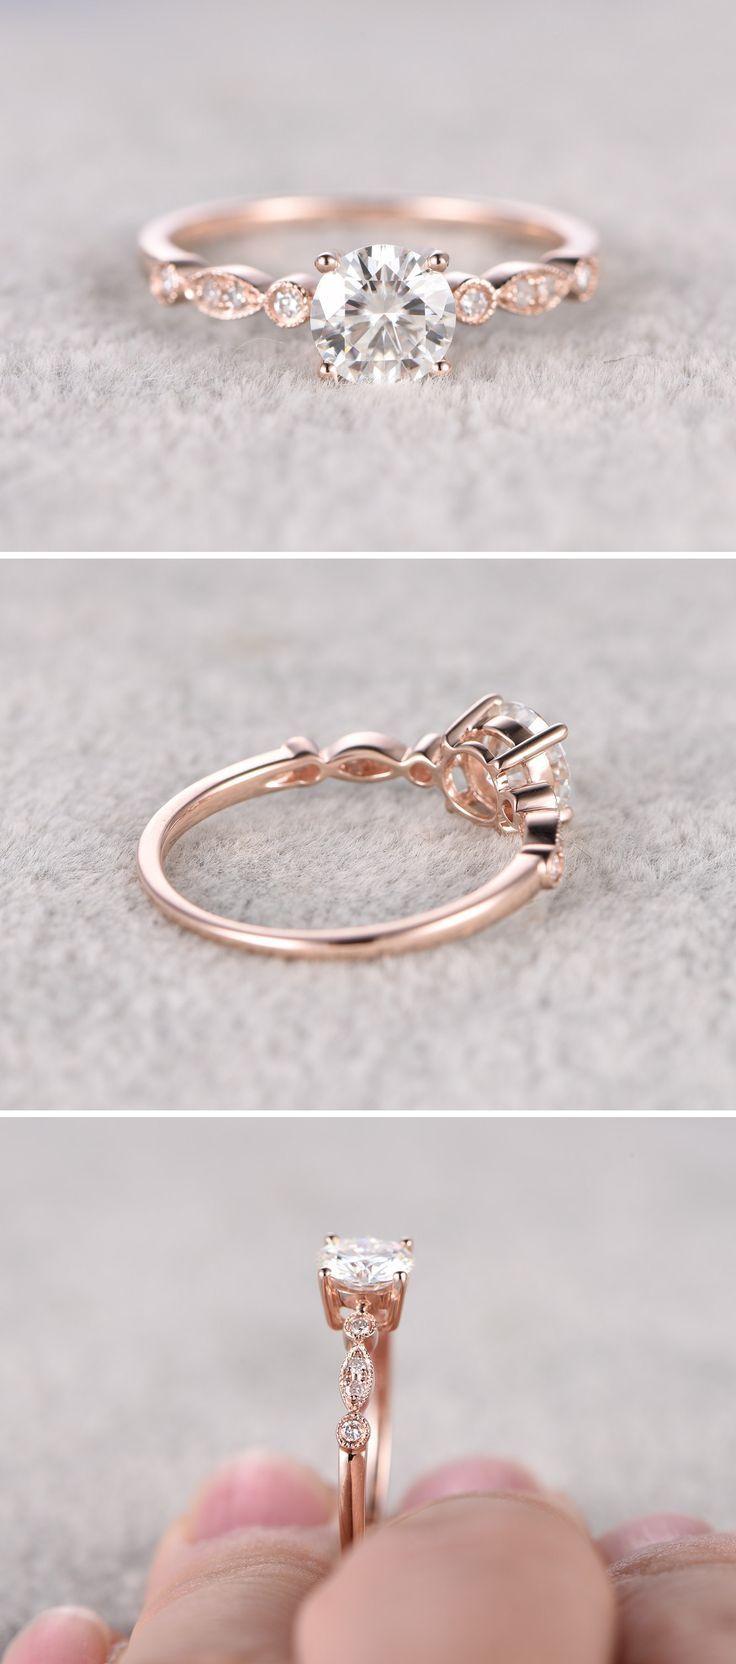 Moissanite in Rose Gold Engagement Ring www.pinterest.com… More